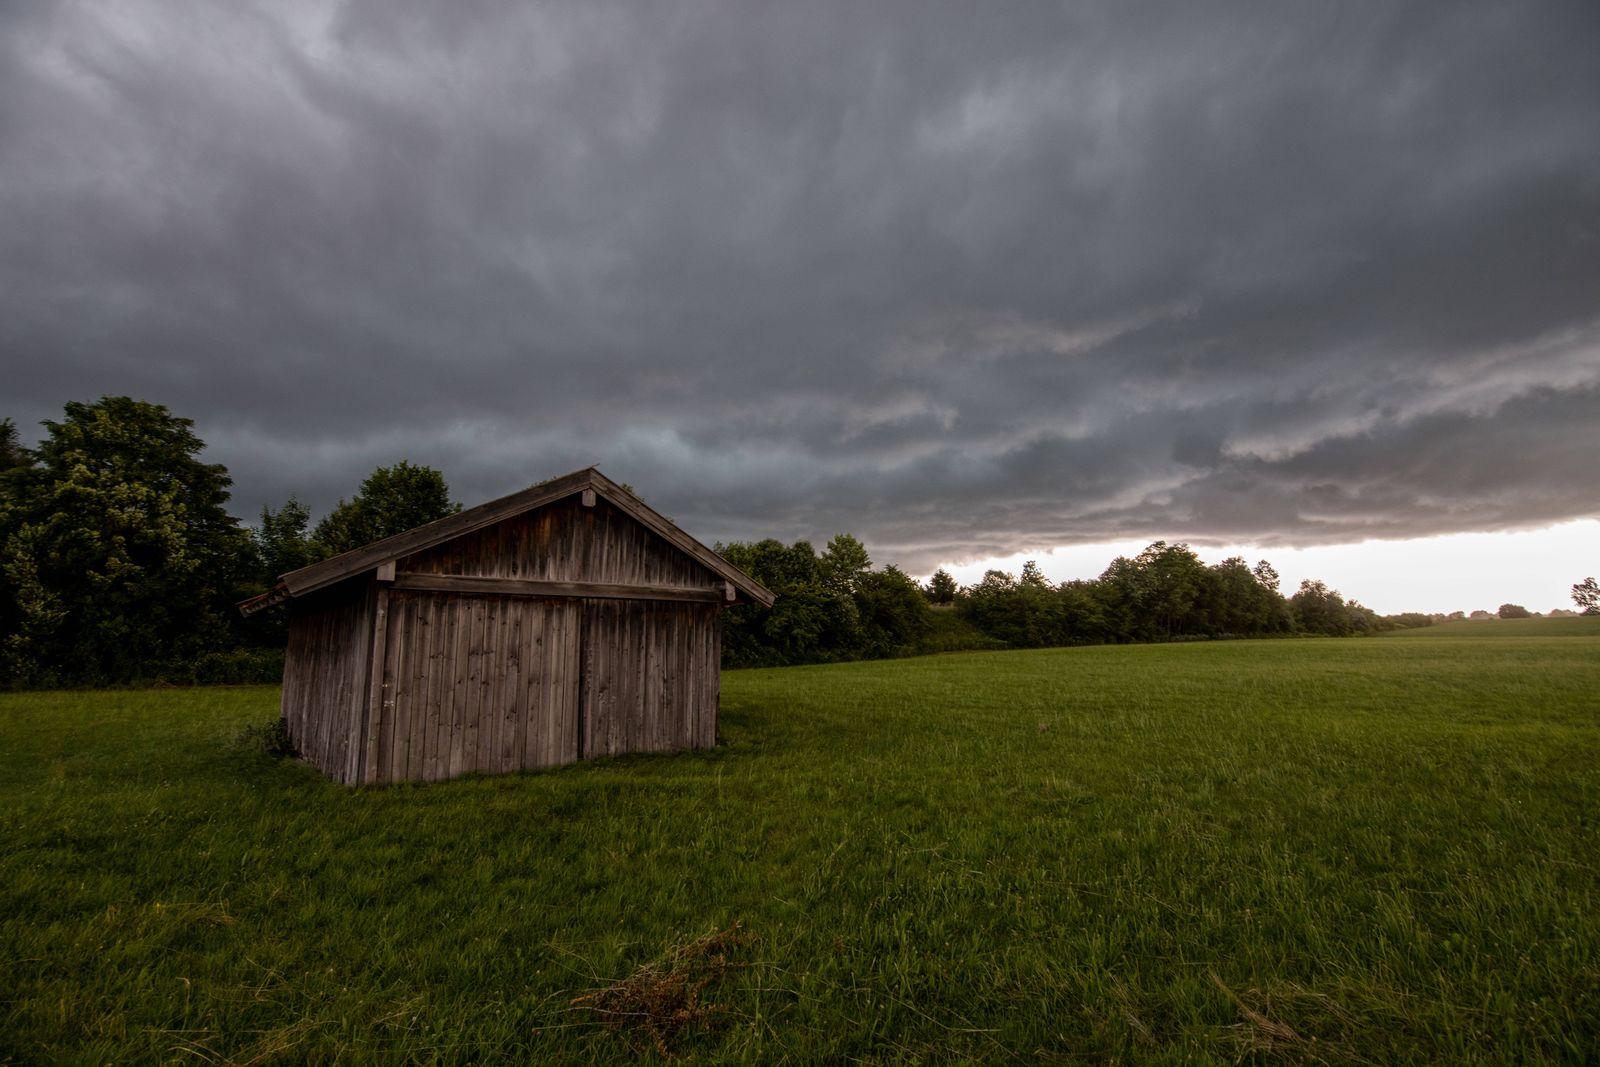 Unwetter in Bayern Dunkle Wolken eines Gewitters sind am Nachmittag am Himmel zu sehen. Eine Unwetterfront mit starken